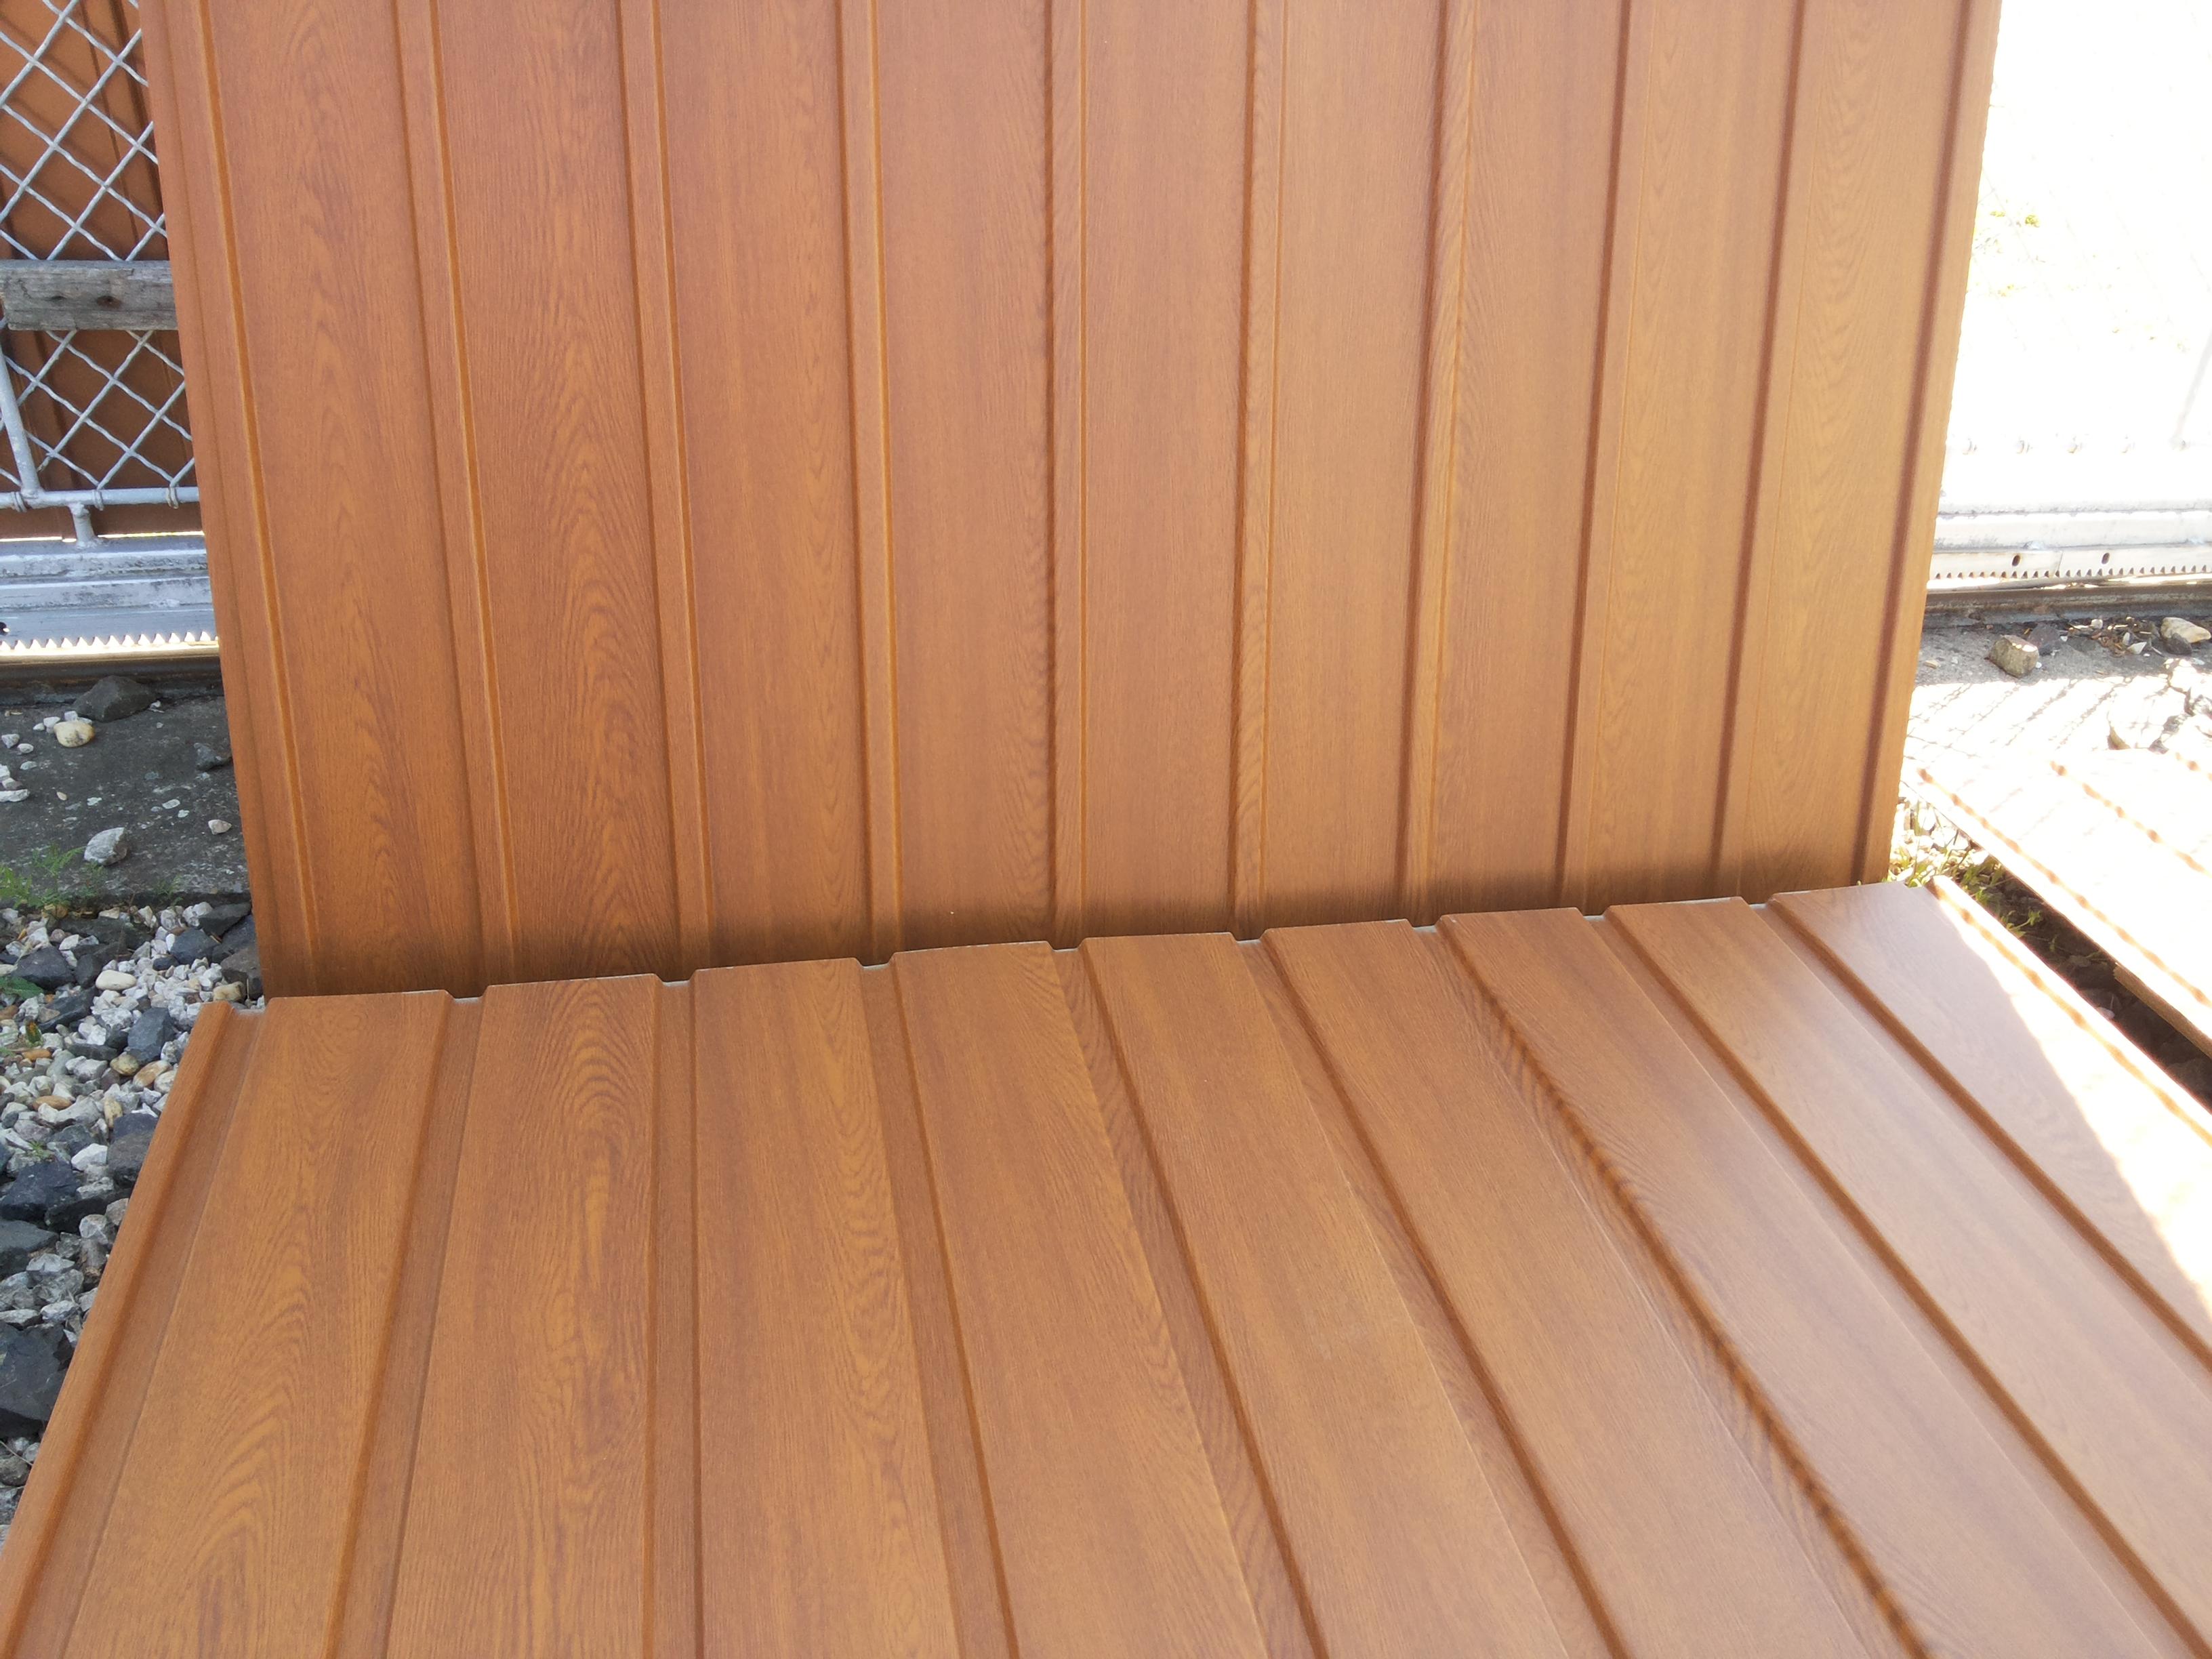 Kétoldali famintás trapézlemez  Aranytölgy színben